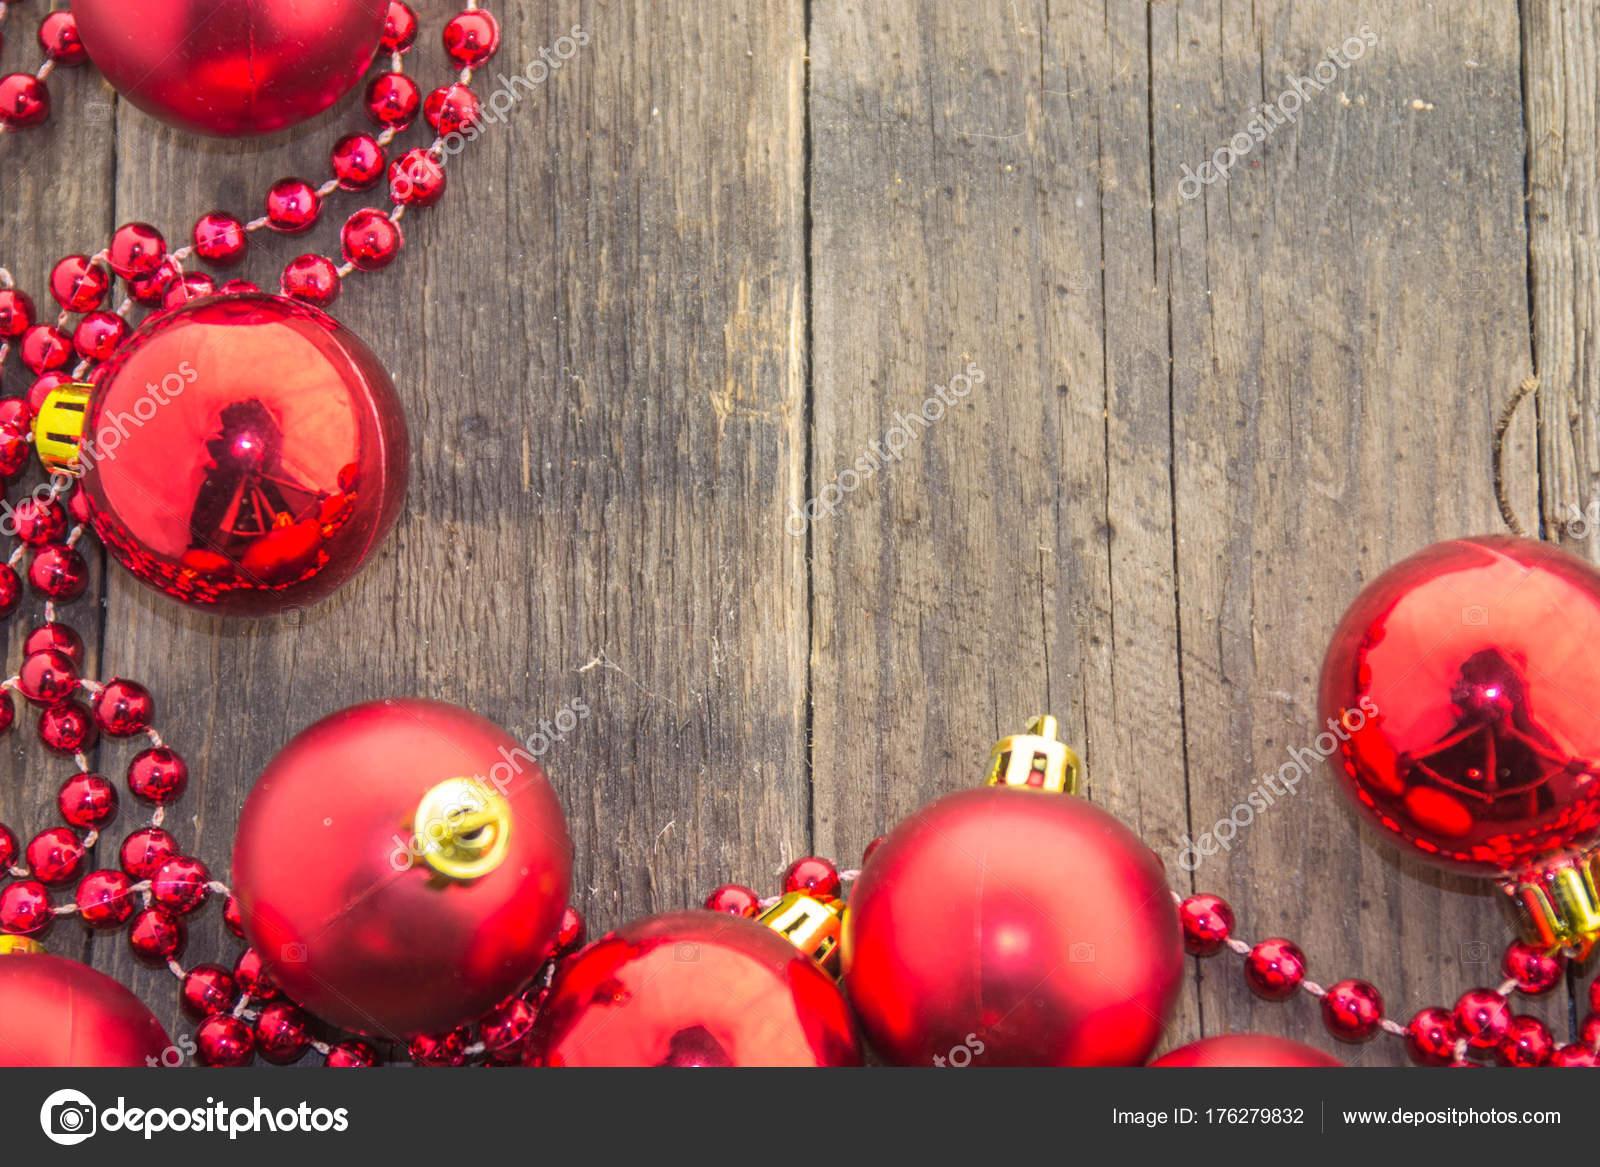 Kerstdecoraties Met Rood : Kerstdecoratie met glanzende rode ballen rode kralen een houten voet